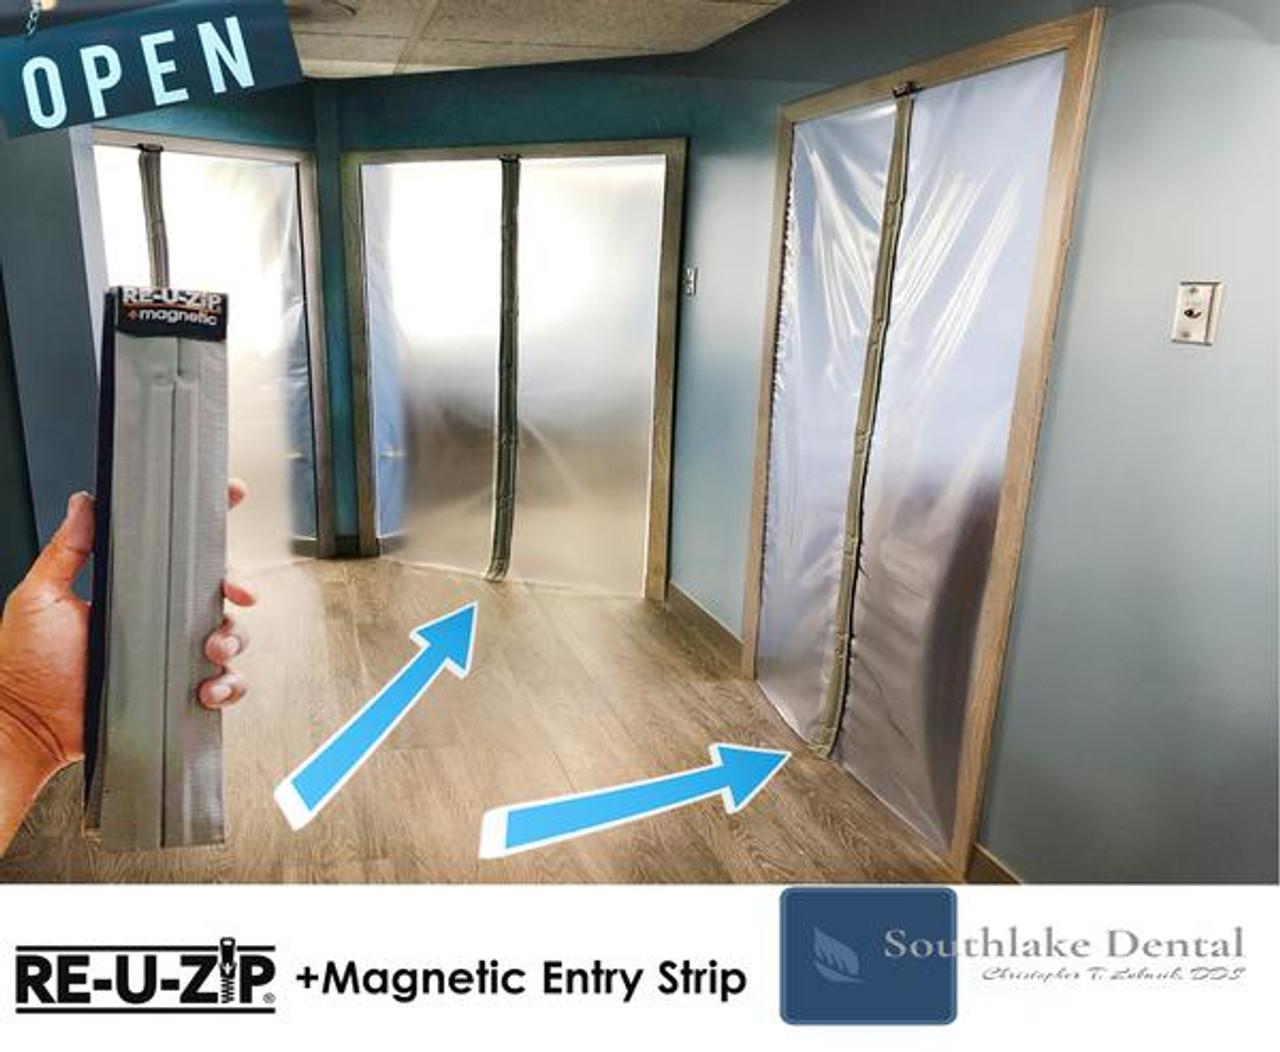 Full System Starter Bundle | Magnetic Entry Strip + Zipper Starter Kit